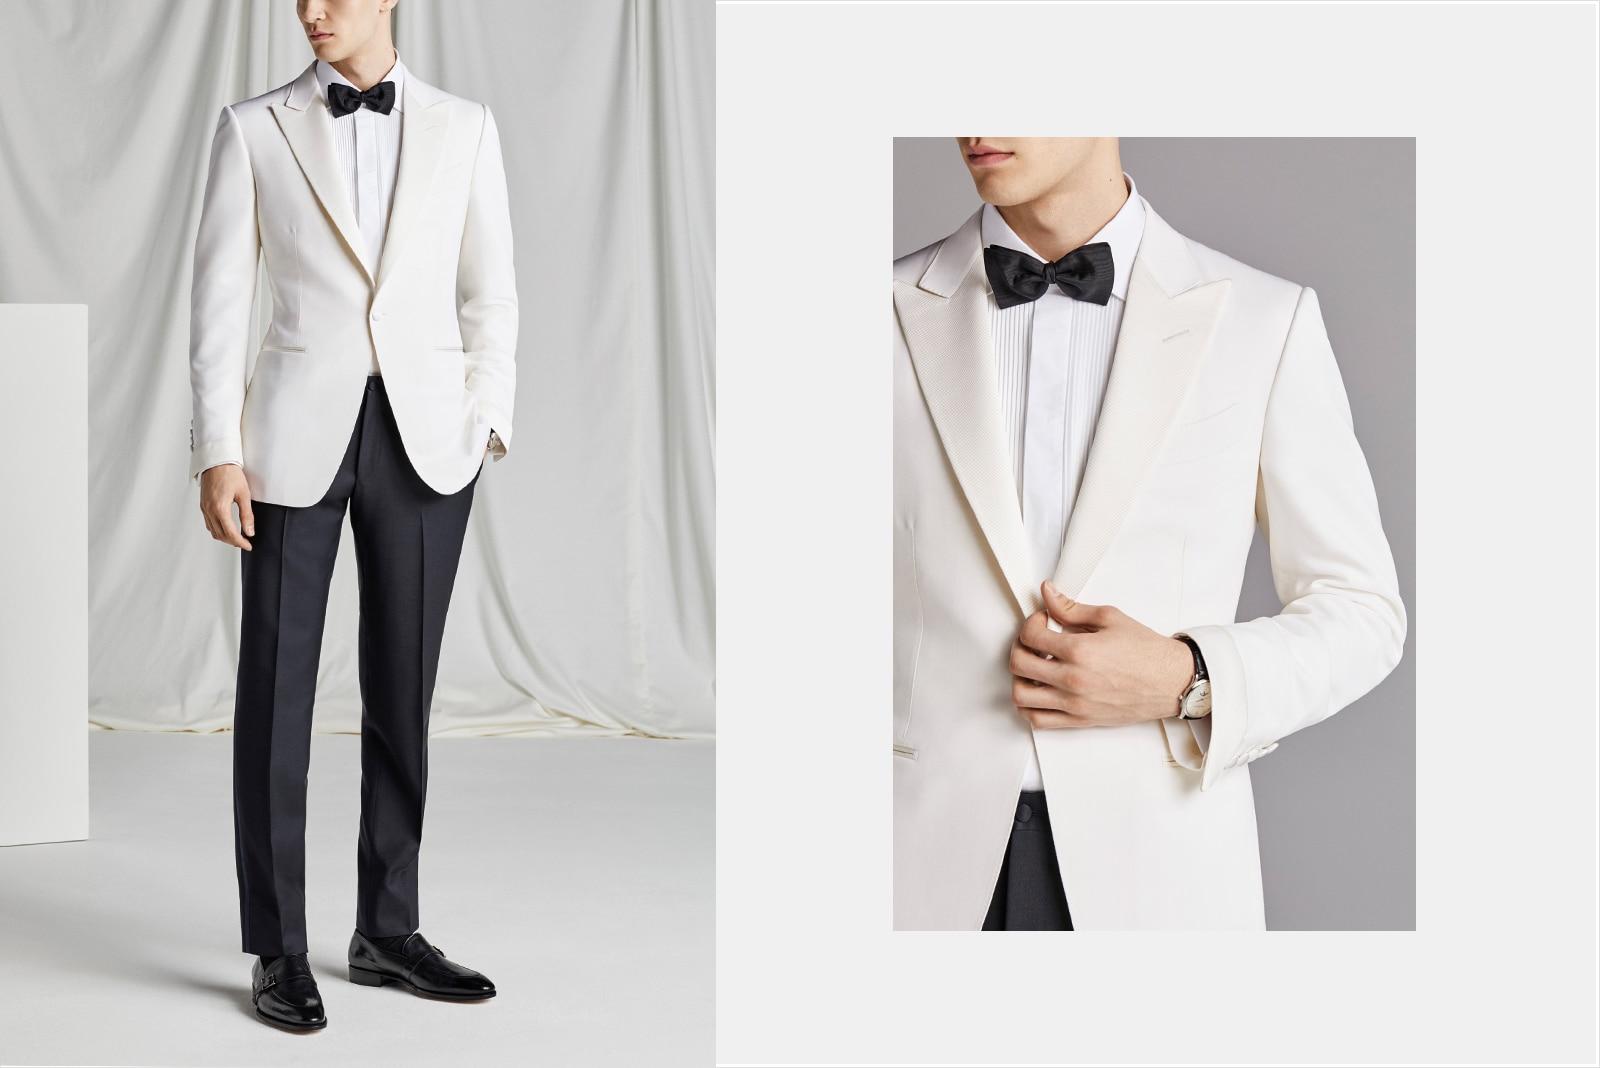 Five Men's Wedding Outfits For Spring 2018 Tidsskriftet  The Journal